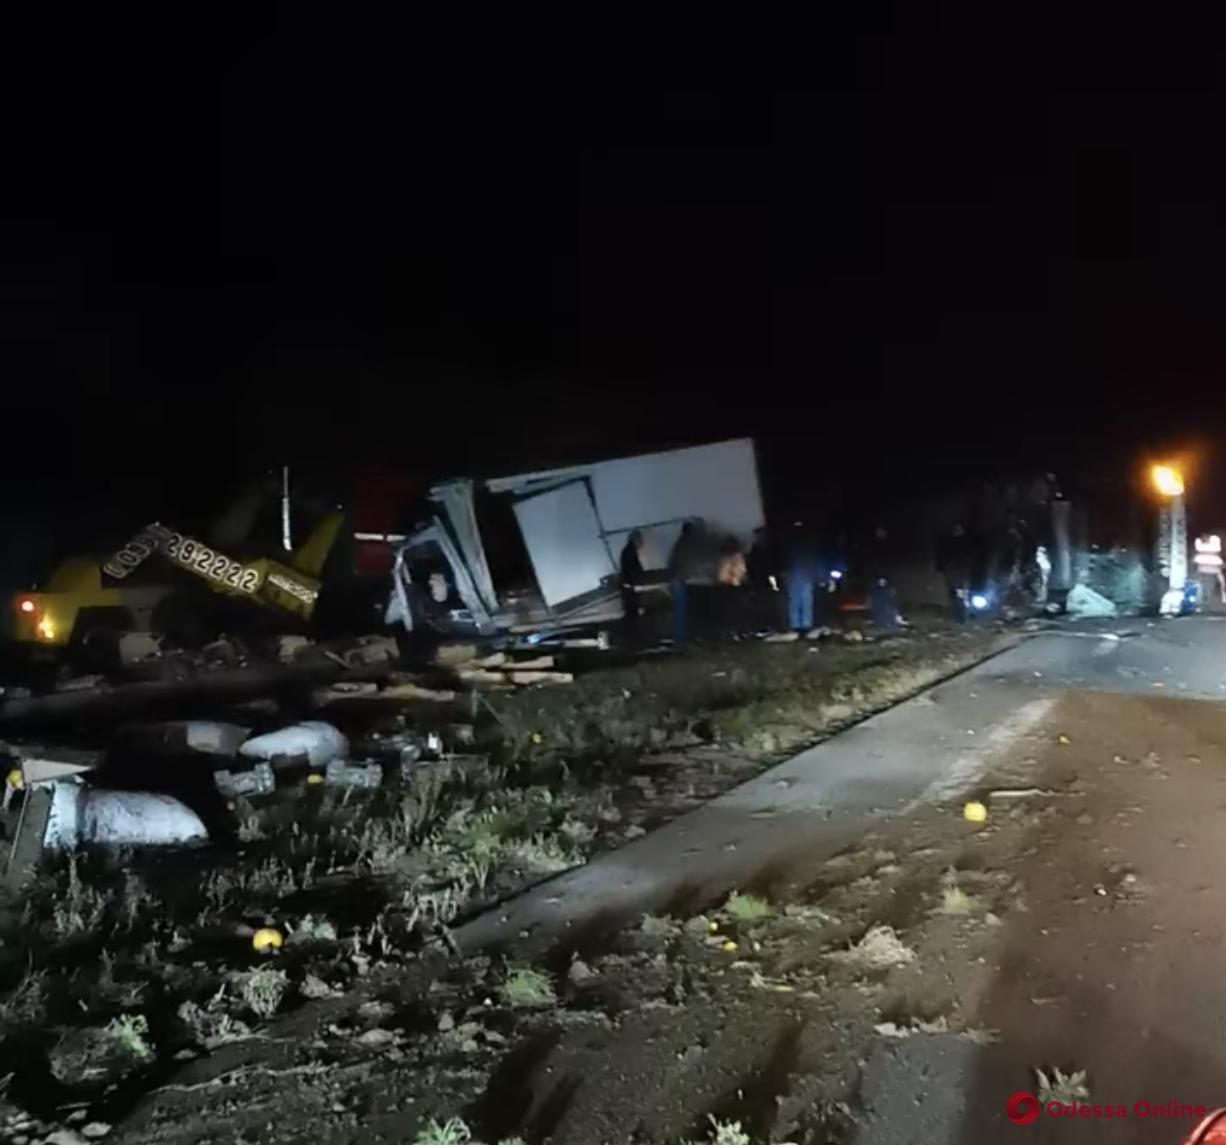 ДТП в Одесской области: столкнулись грузовик и эвакуатор, перевернулся автобус (фото, обновлено)